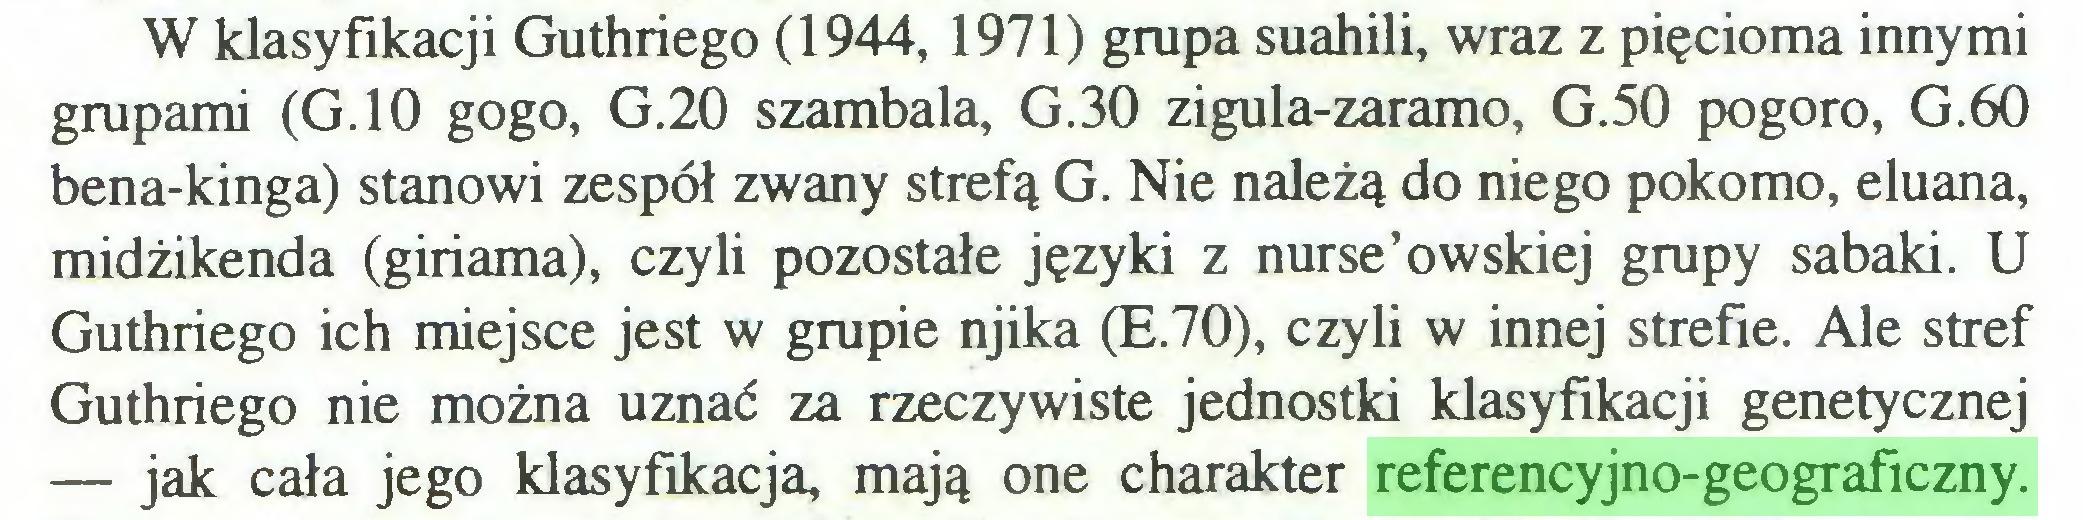 (...) W klasyfikacji Guthriego (1944, 1971) grupa suahili, wraz z pięcioma innymi grupami (G.10 gogo, G.20 szambala, G.30 zigula-zaramo, G.50 pogoro, G.60 bena-kinga) stanowi zespół zwany strefą G. Nie należą do niego pokorno, eluana, midżikenda (giriama), czyli pozostałe języki z nurse'owskiej grupy sabaki. U Guthriego ich miejsce jest w grupie njika (E.70), czyli w innej strefie. Ale stref Guthriego nie można uznać za rzeczywiste jednostki klasyfikacji genetycznej — jak cała jego klasyfikacja, mają one charakter referencyjno-geograficzny...